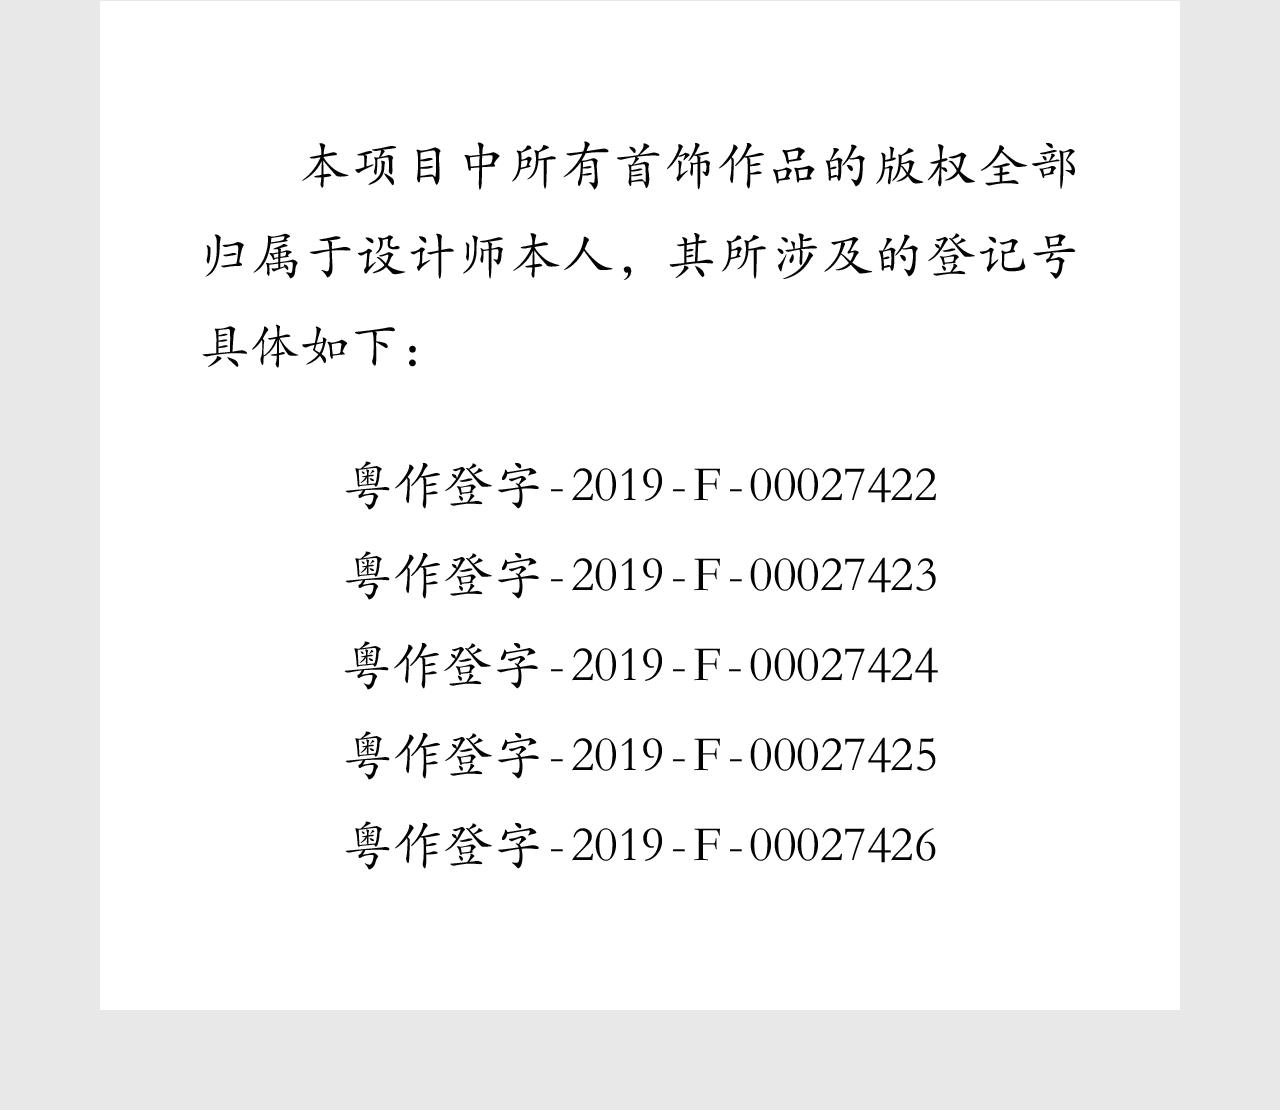 鈺錆-三星堆系列-眾籌詳情頁-版權聲明.png